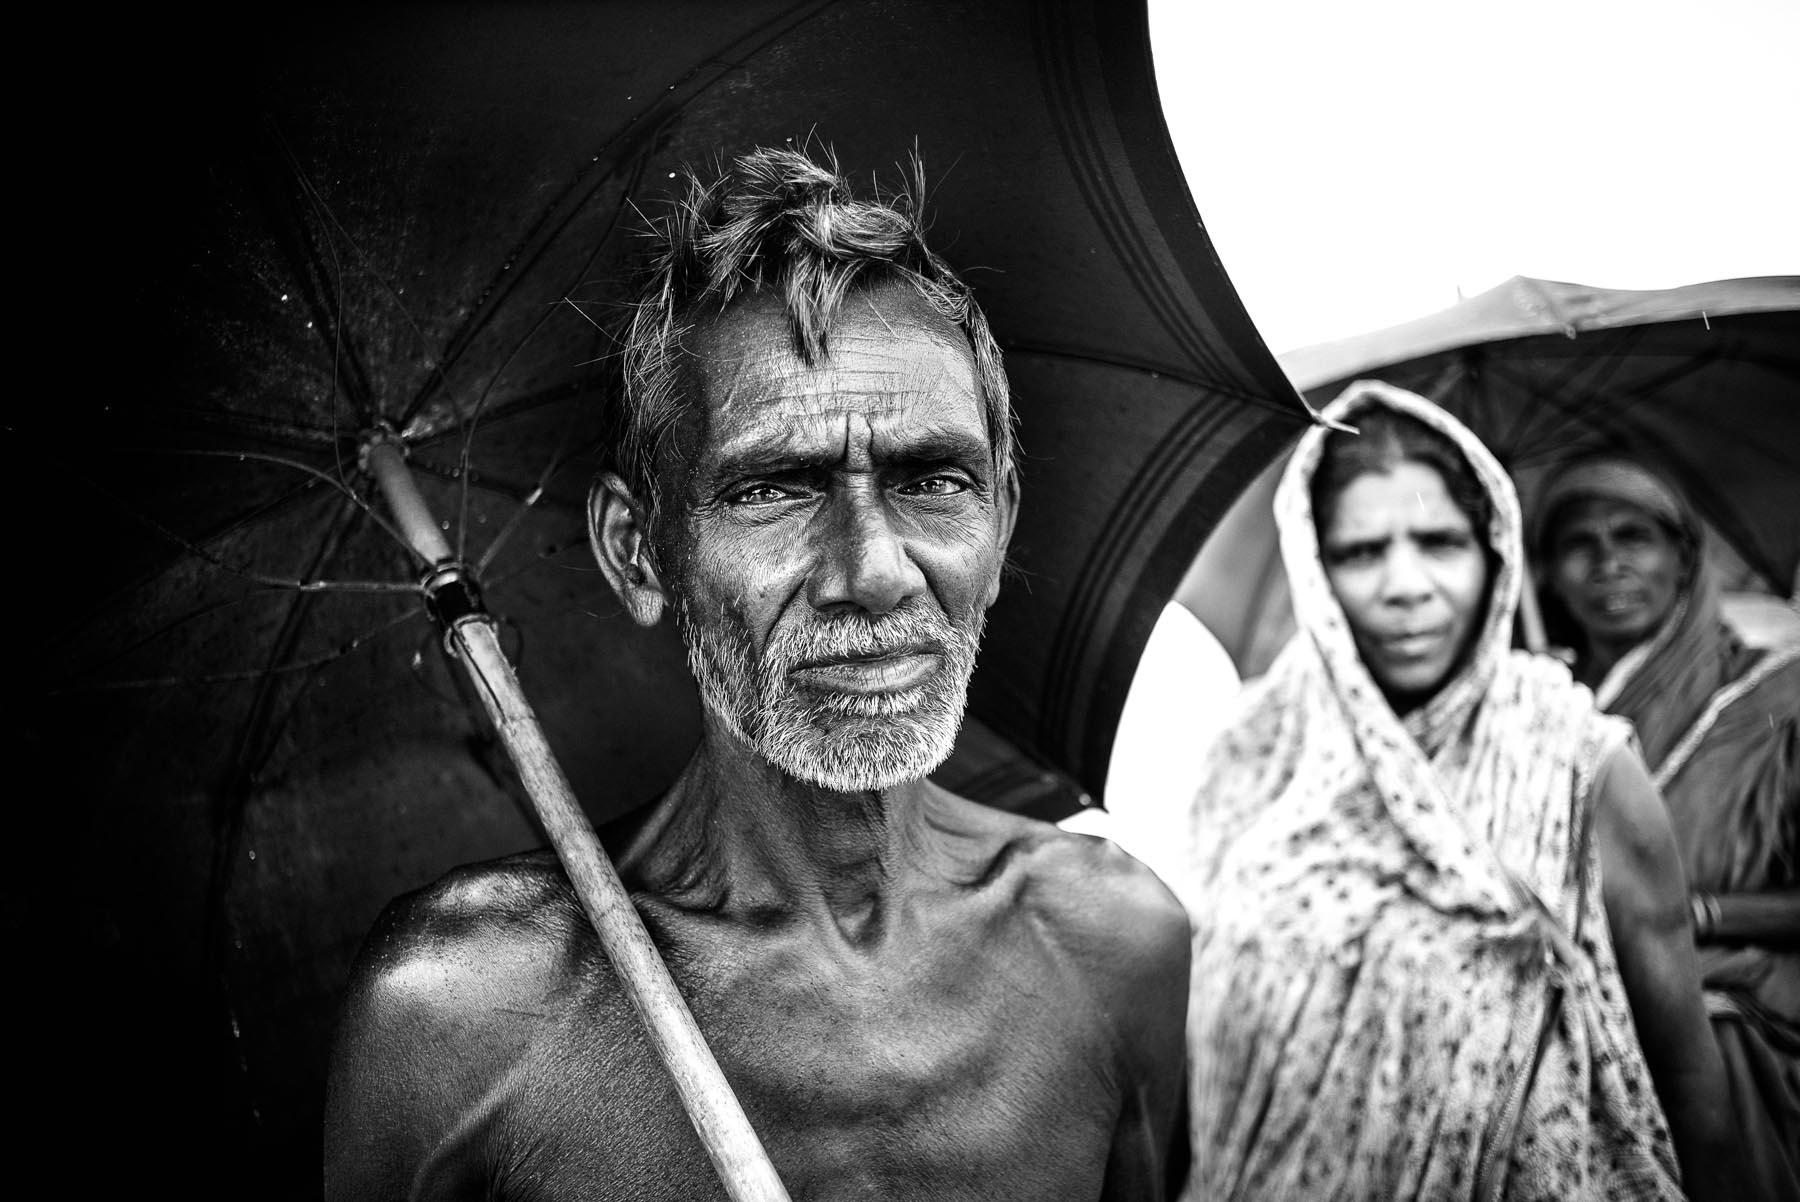 Jules_toulet_bangladesh-27